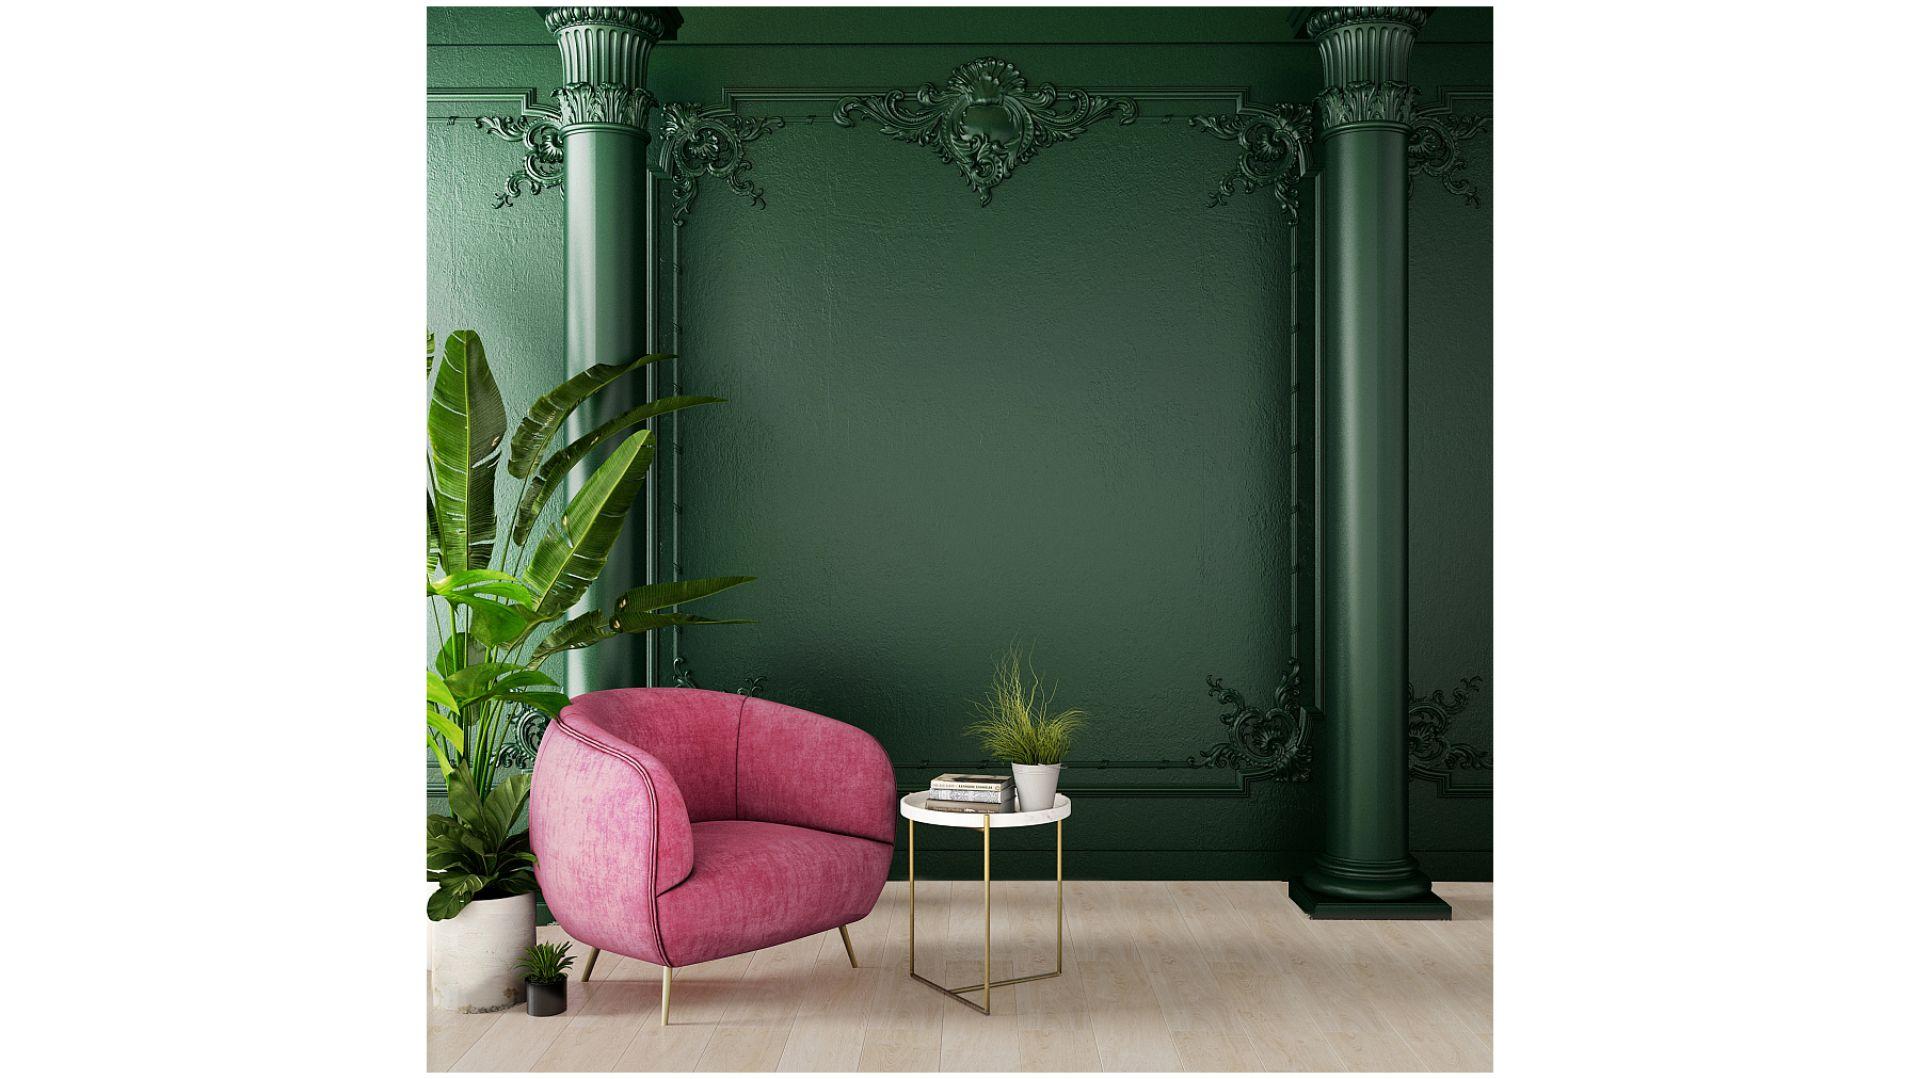 Urządzając wnętrze w stylu art déco warto sięgnąć po szmaragdową zieleń. Na zdjęciu panele podłogowe Authentic 8 Realistic Dąb Jasny. Fot. RuckZuck